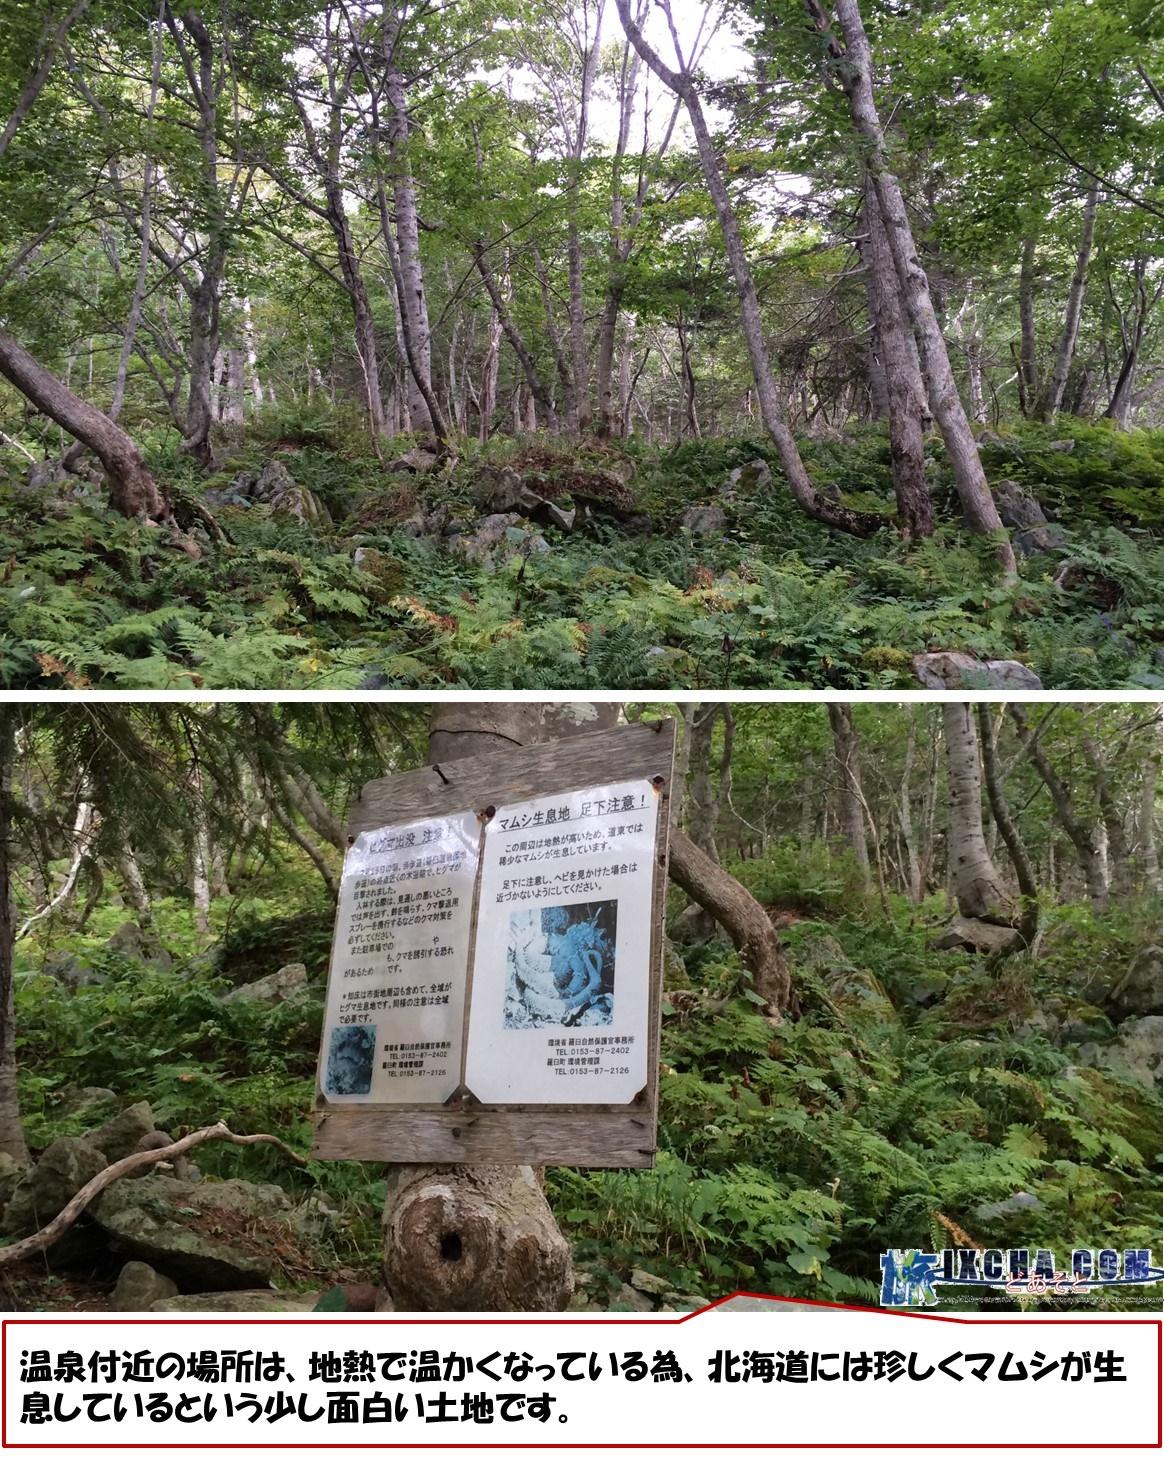 温泉付近の場所は、地熱で温かくなっている為、北海道には珍しくマムシが生息しているという少し面白い土地です。